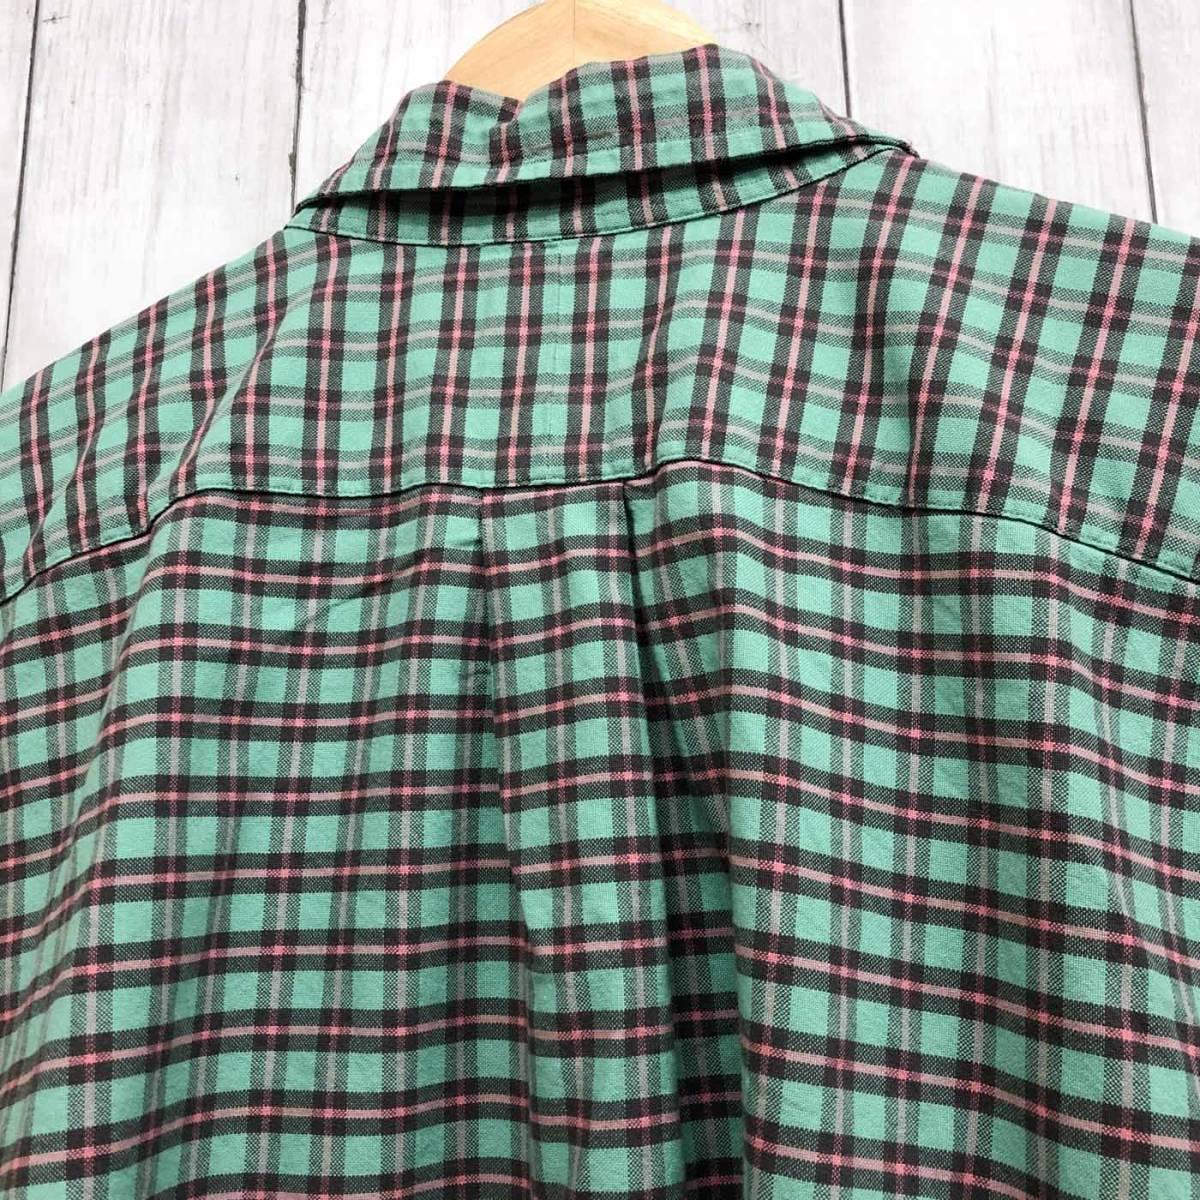 ラルフローレン POLO Ralph Lauren Polo 半袖シャツ メンズ ワンポイント 3XLサイズ 7-185_画像8